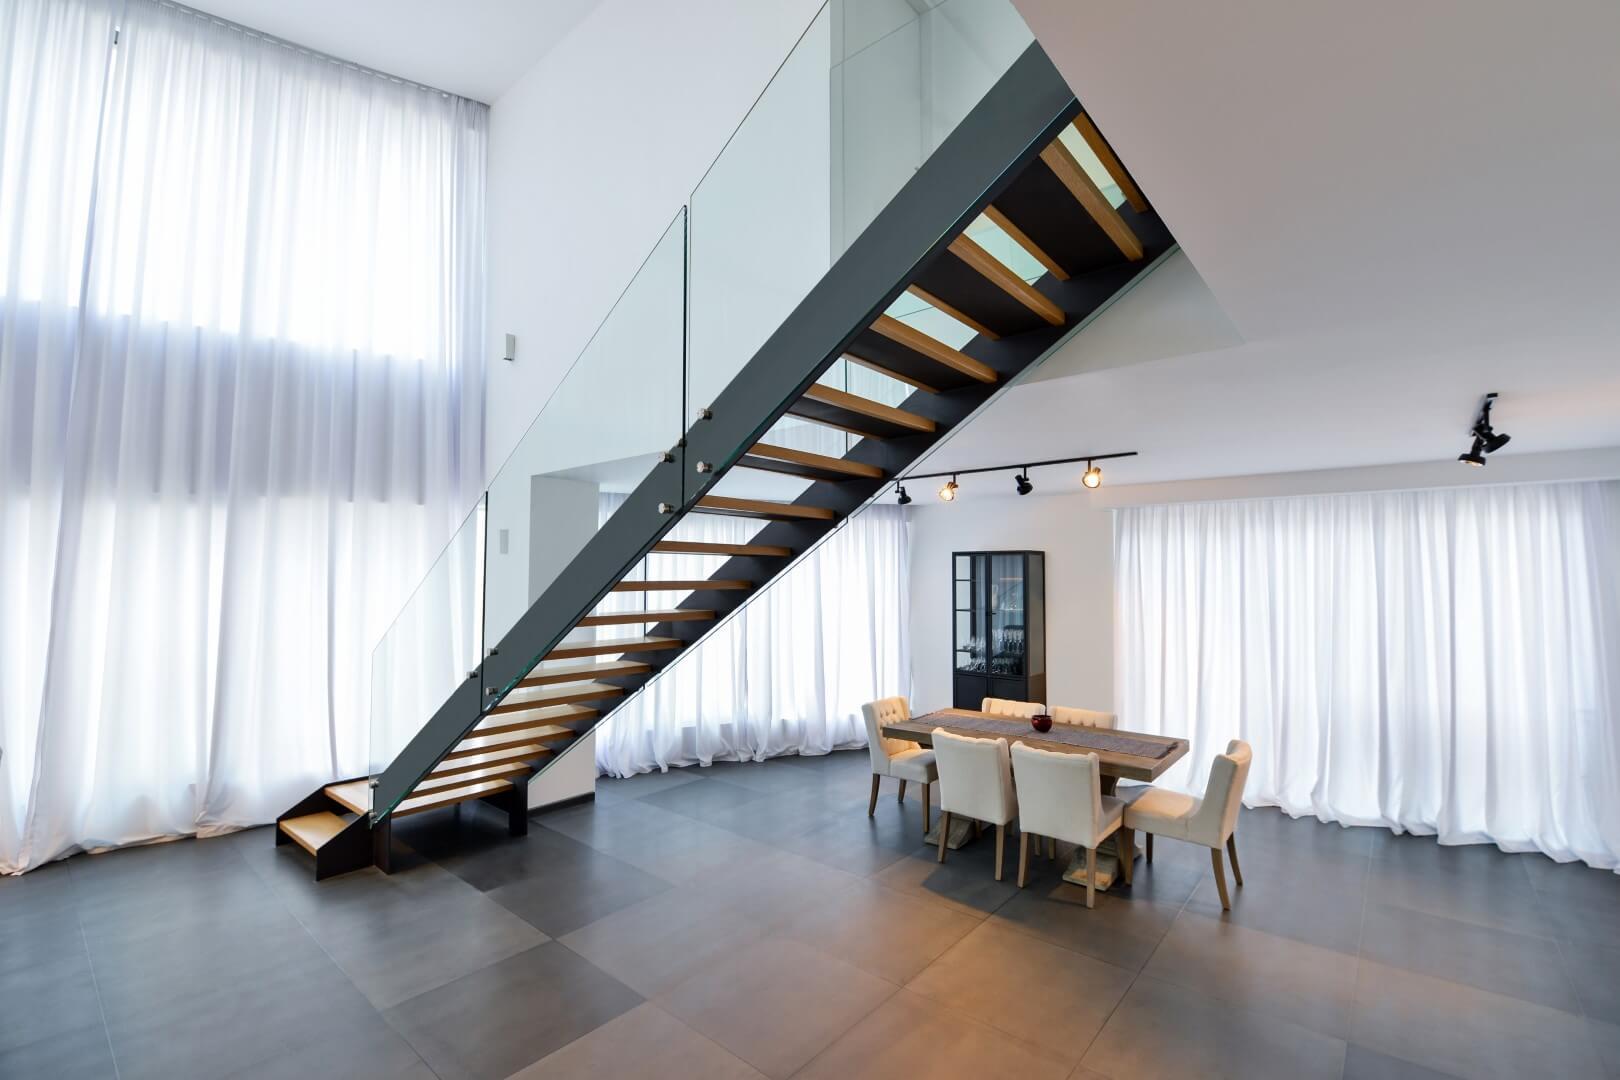 מבט אחורי על גרם מדרגות הברזל השחור שעולה מפינת האוכל אל המפלס העליון